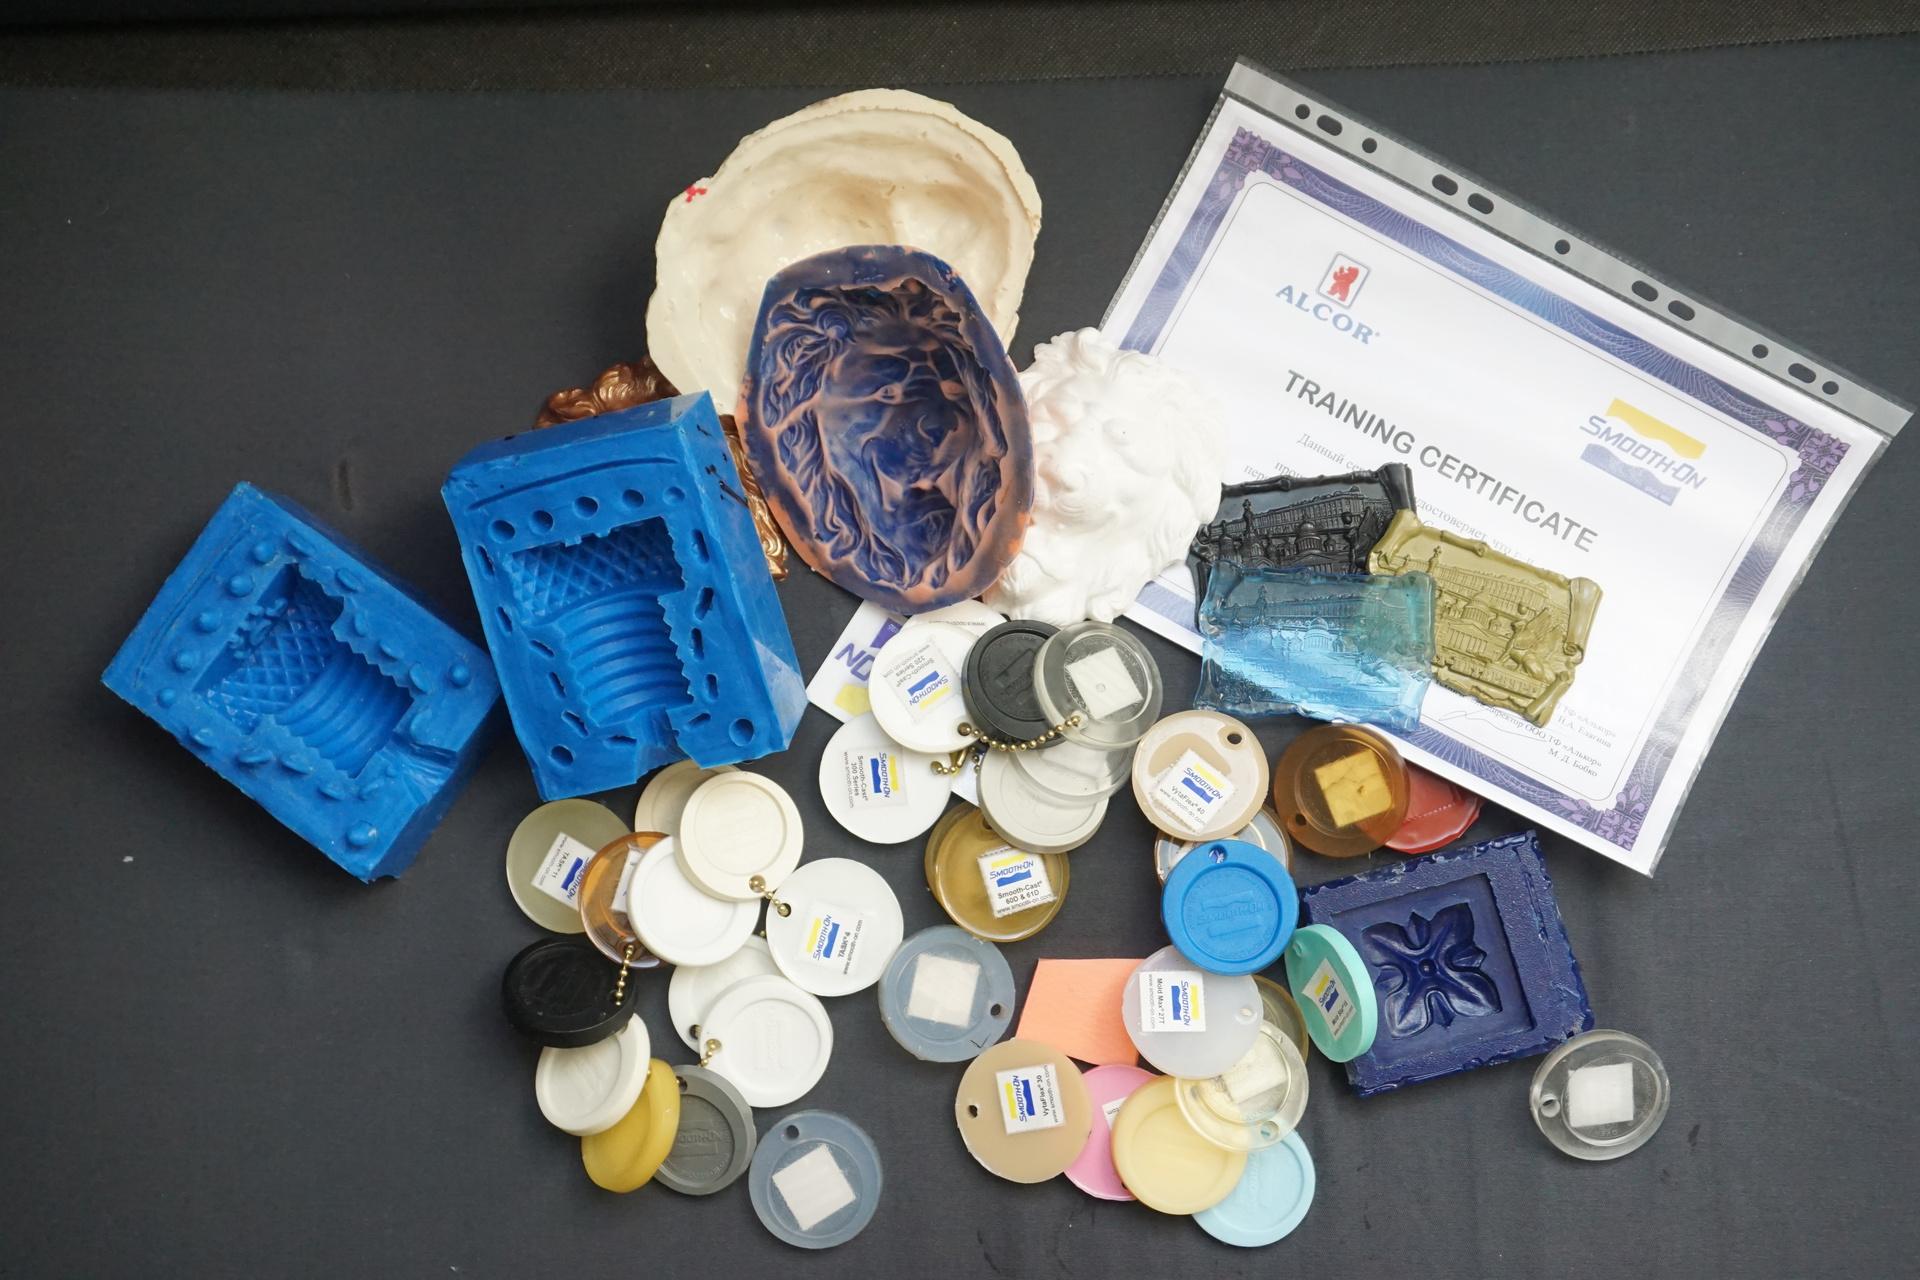 Литье пластмасс в силикон — доступное мелкосерийное производство в домашних условиях - 7